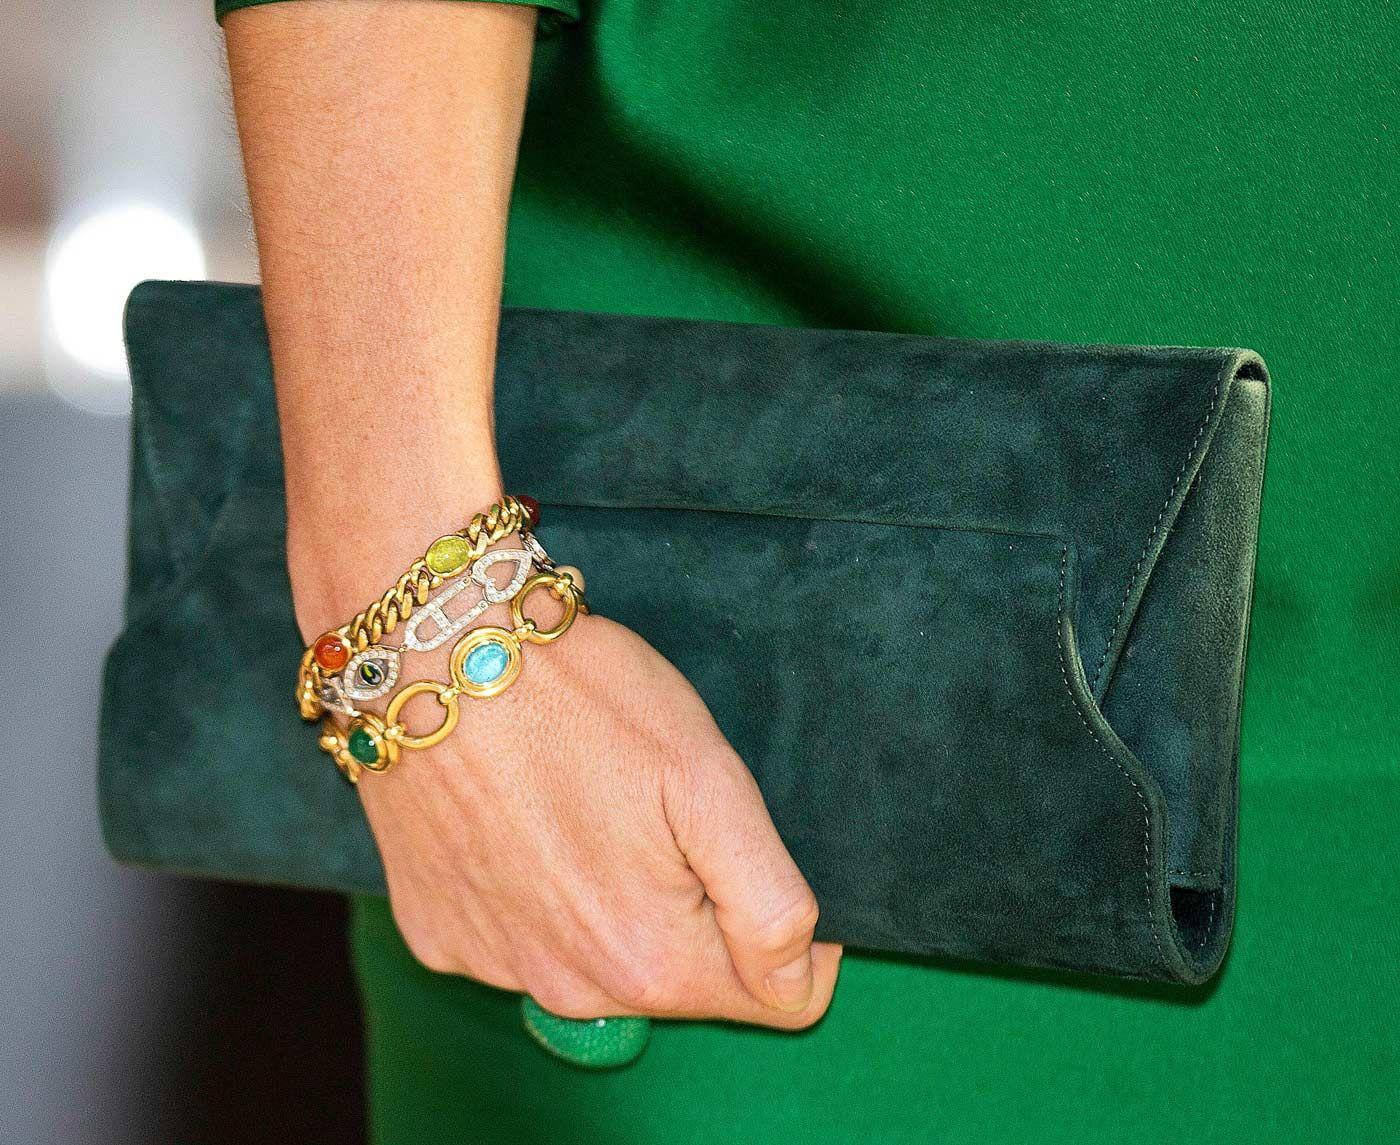 Koningin Maxima met gouden armbanden Blog Zilver.nl